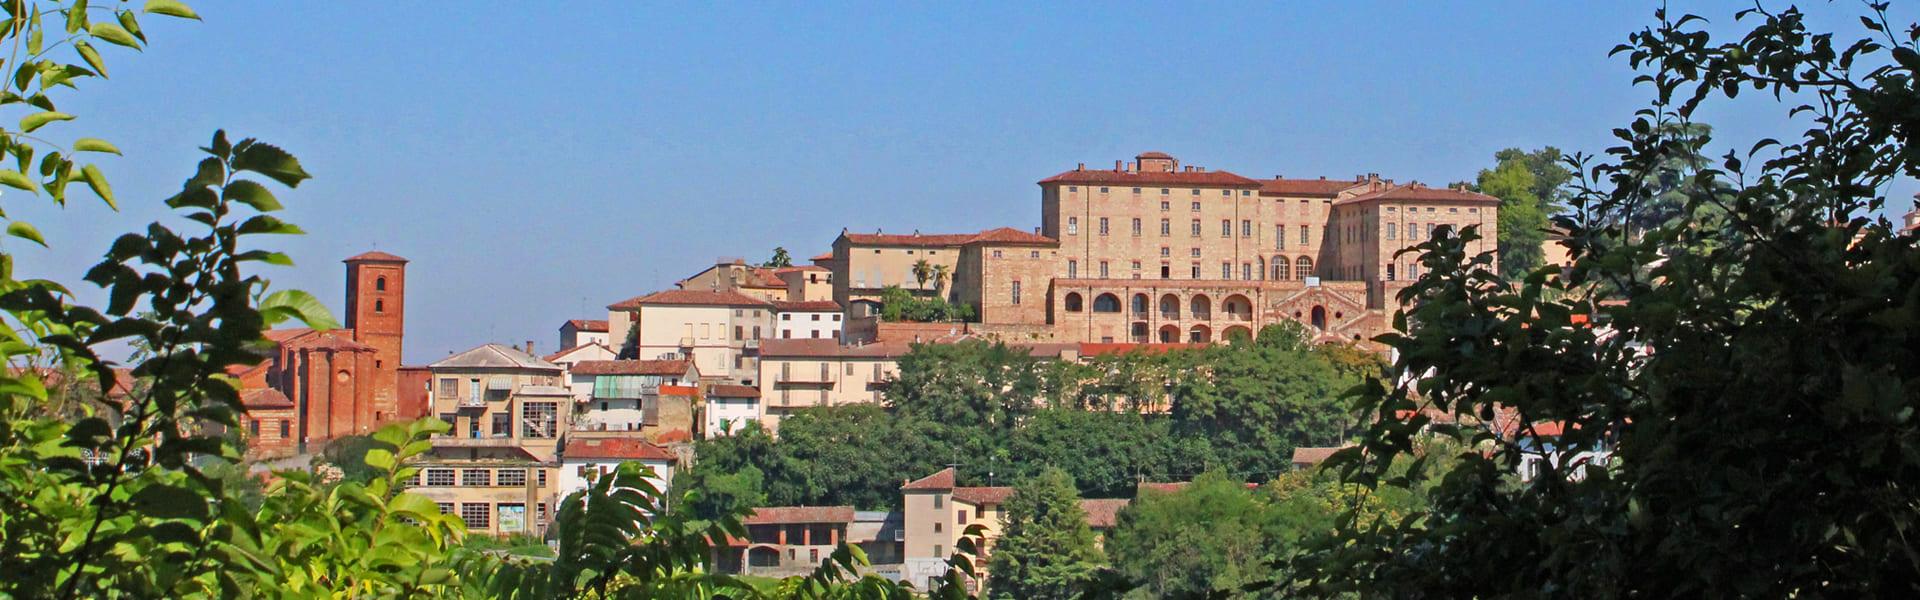 palazzo callori vignale monferrato